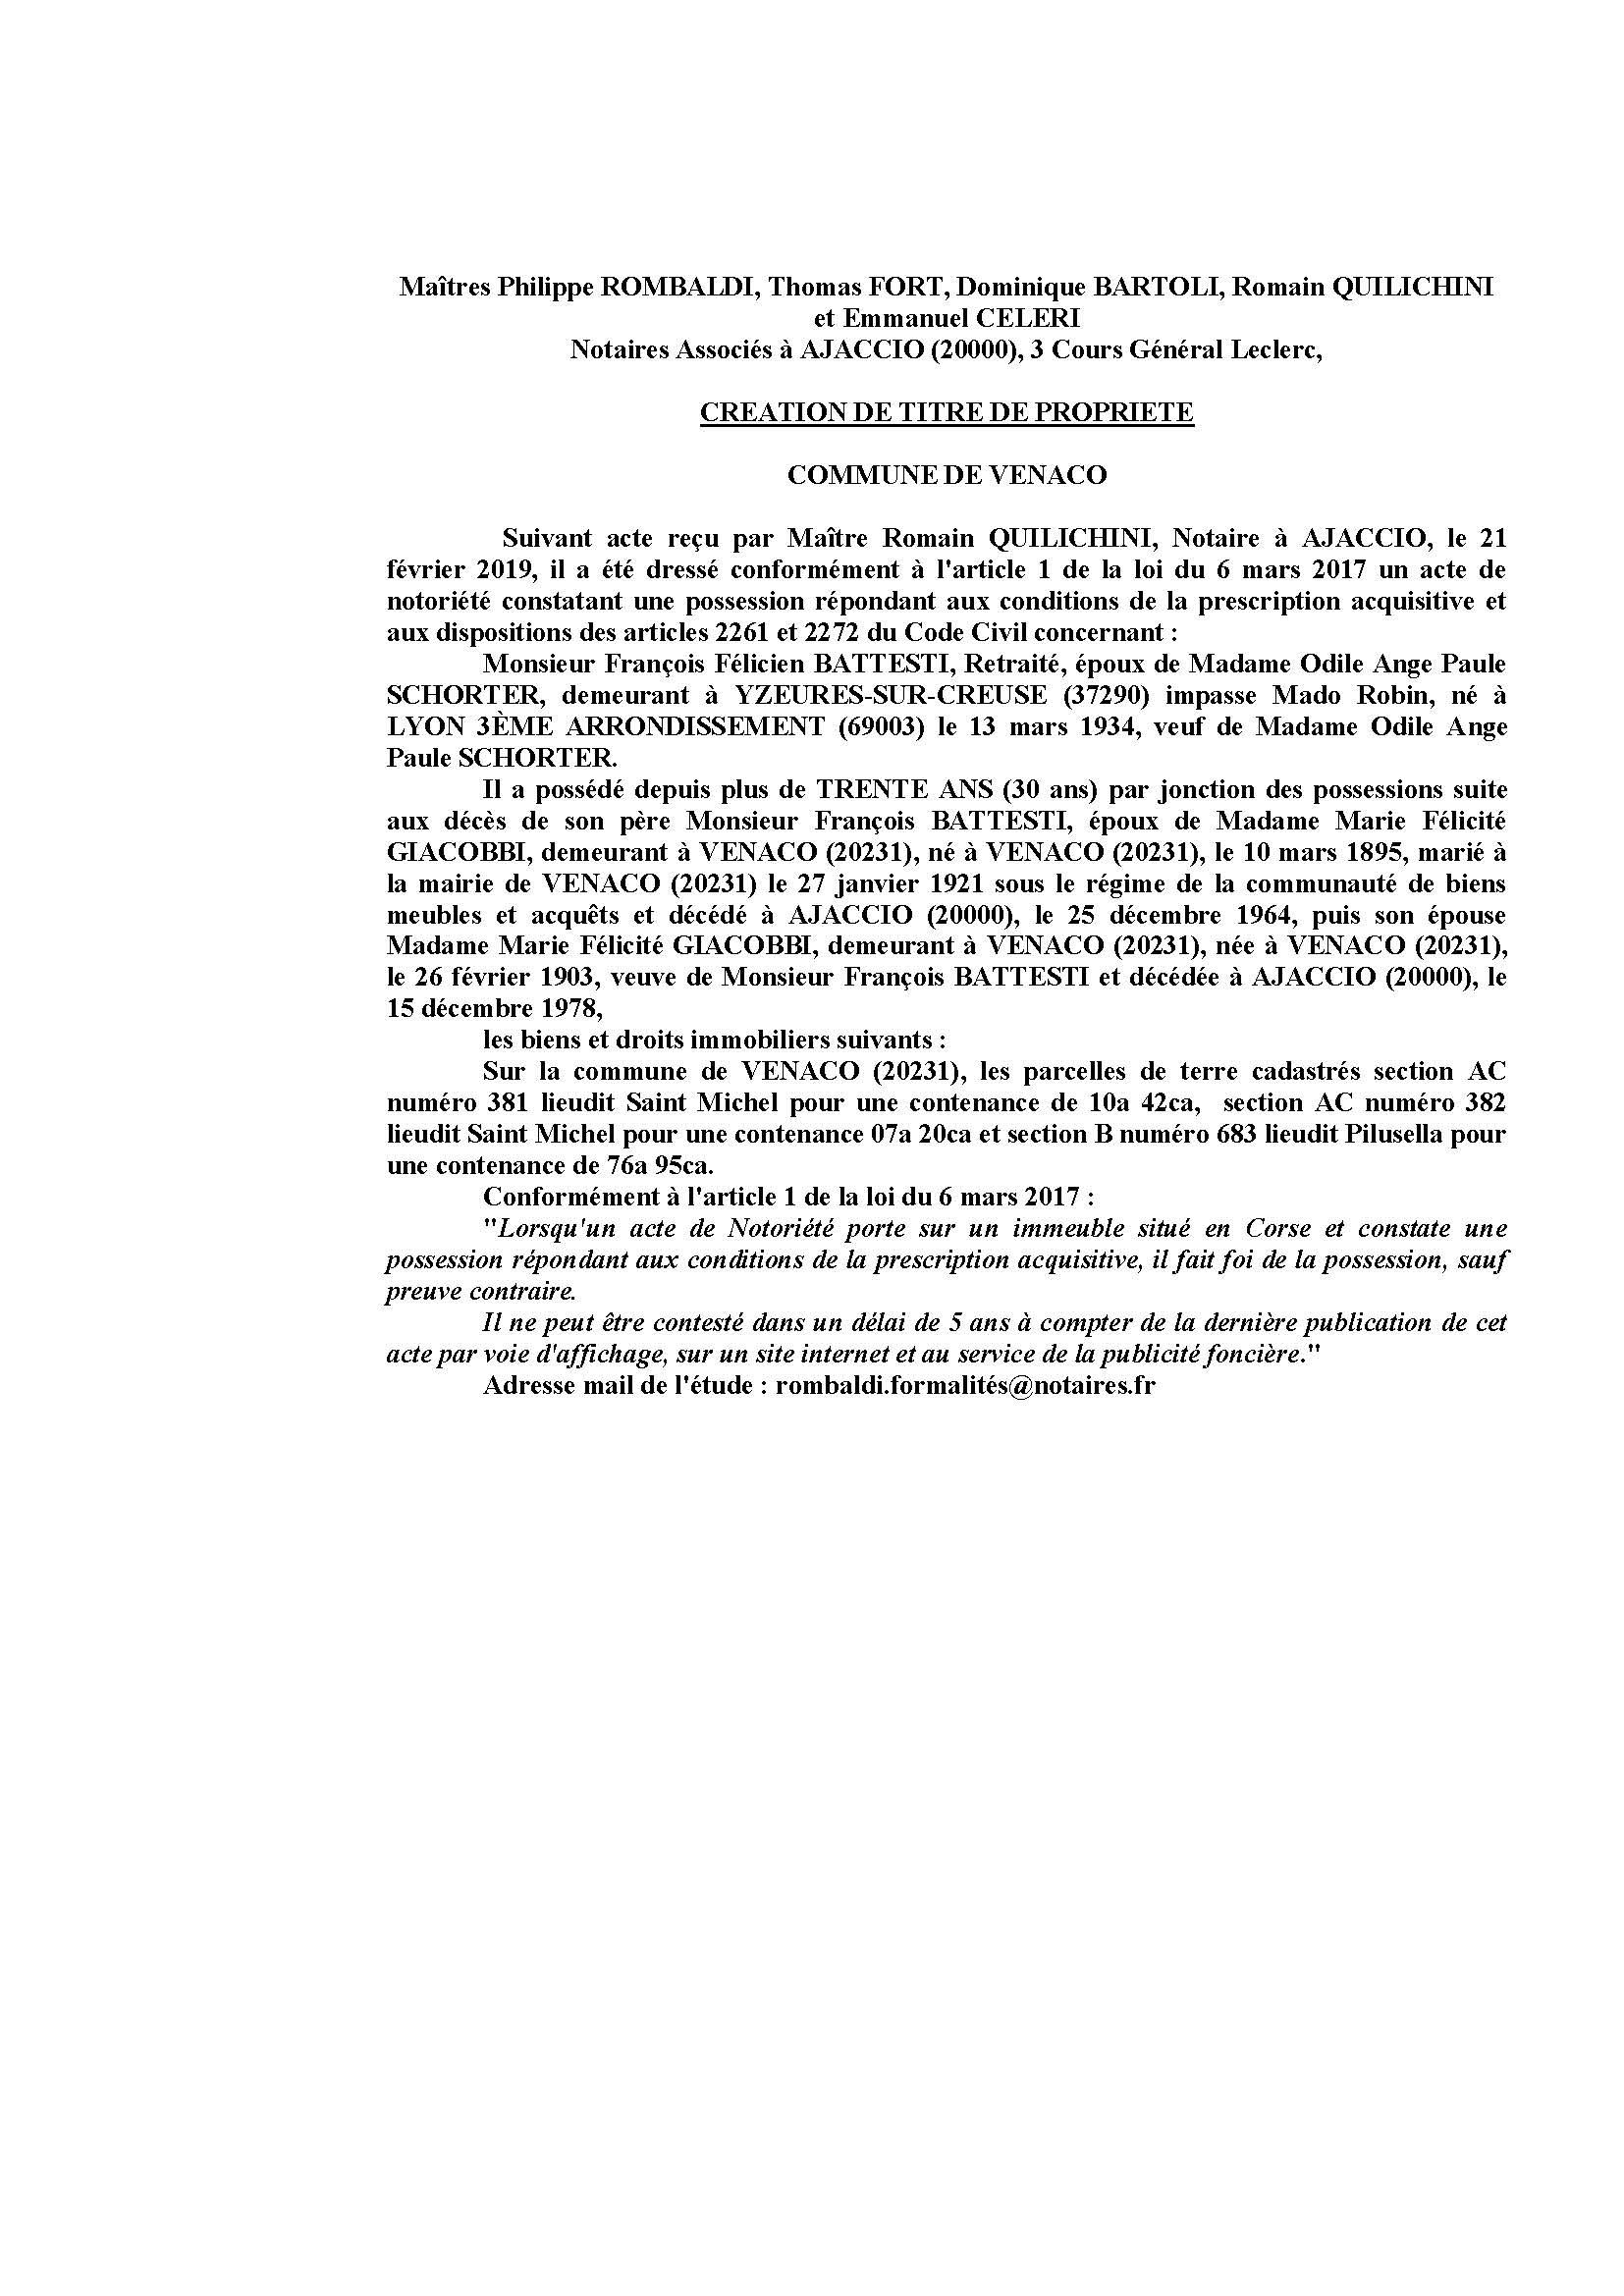 Avis de création de titre de propriété - commune de Venaco (Haute-Corse)